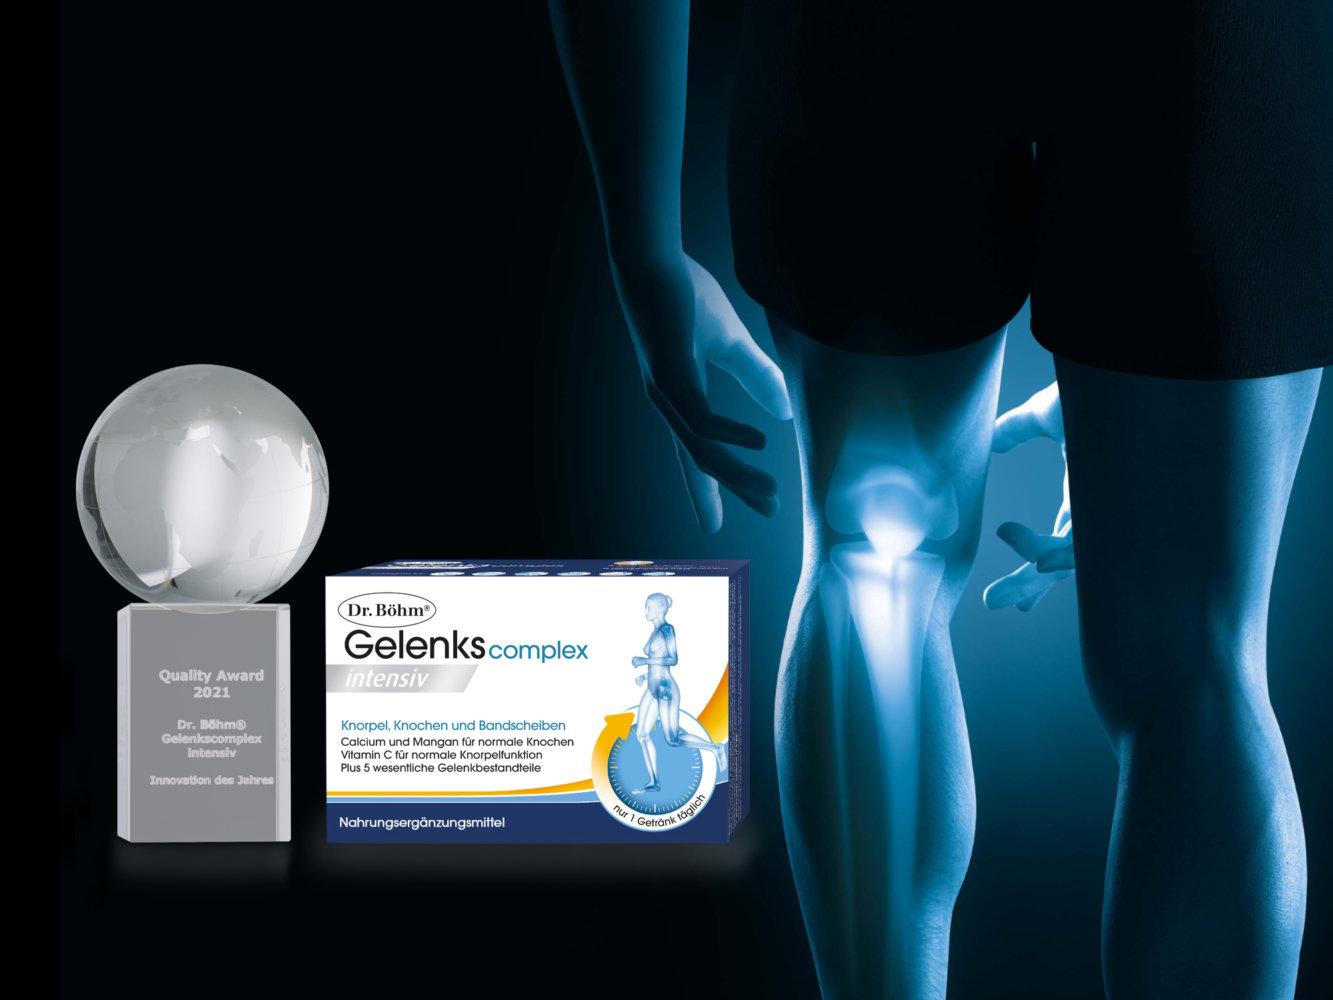 Dr. Böhm® Gelenks complex intensiv wurde zur Innovation des Jahres 2021 gewählt.